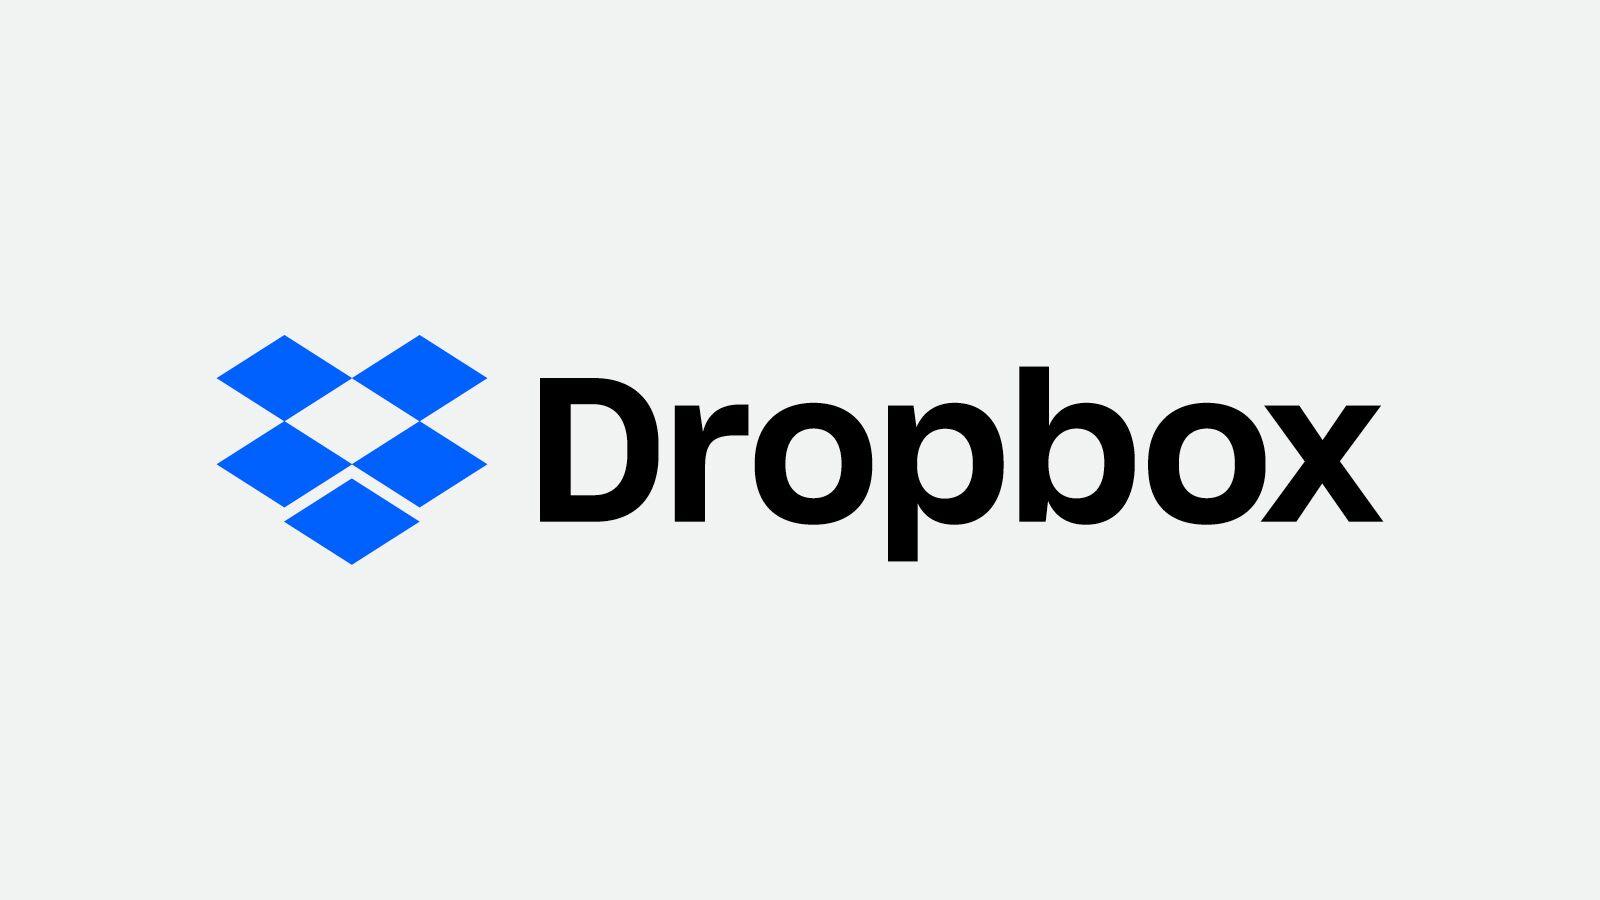 Cara Install Dropbox Di Ubuntu / Linux Mint